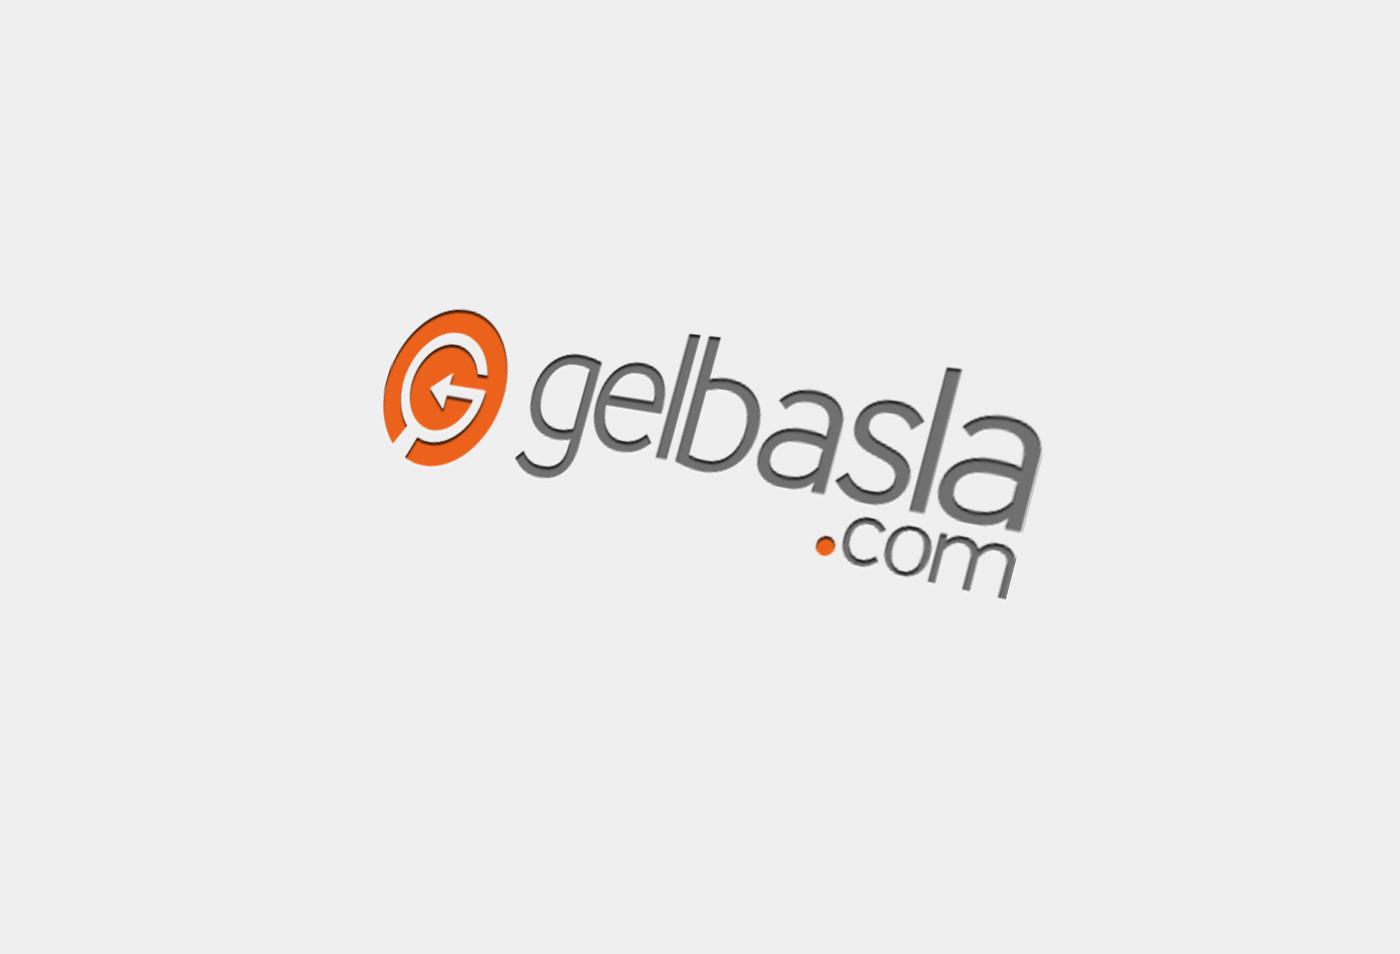 Gelbasla.com